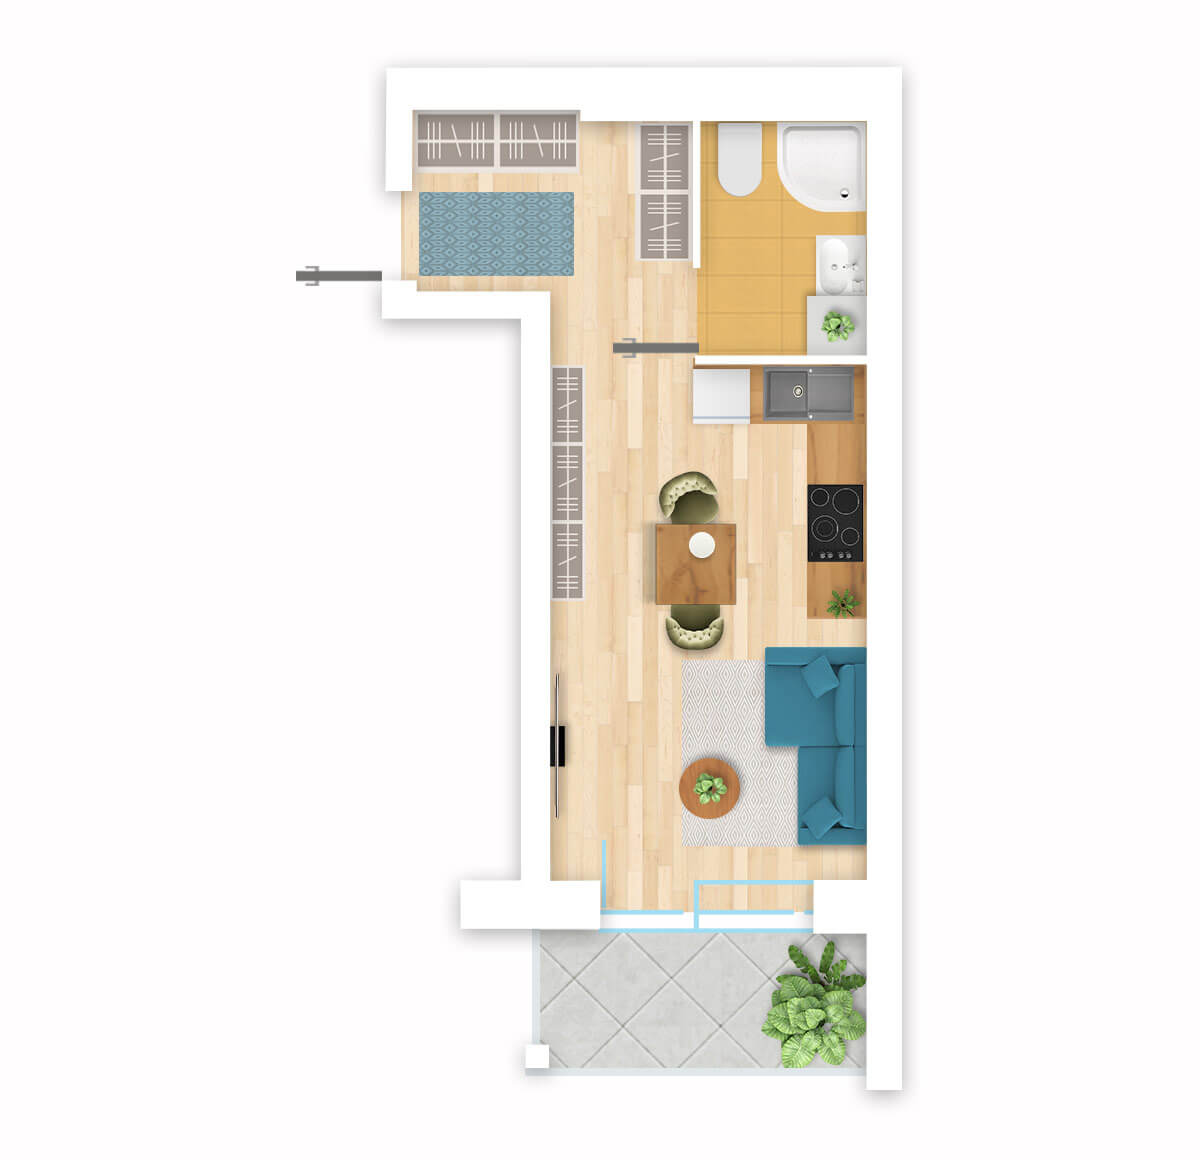 parduodamas butas Lazdynėlių g. 16C - 17 Vilniuje, buto 3D vaizdas